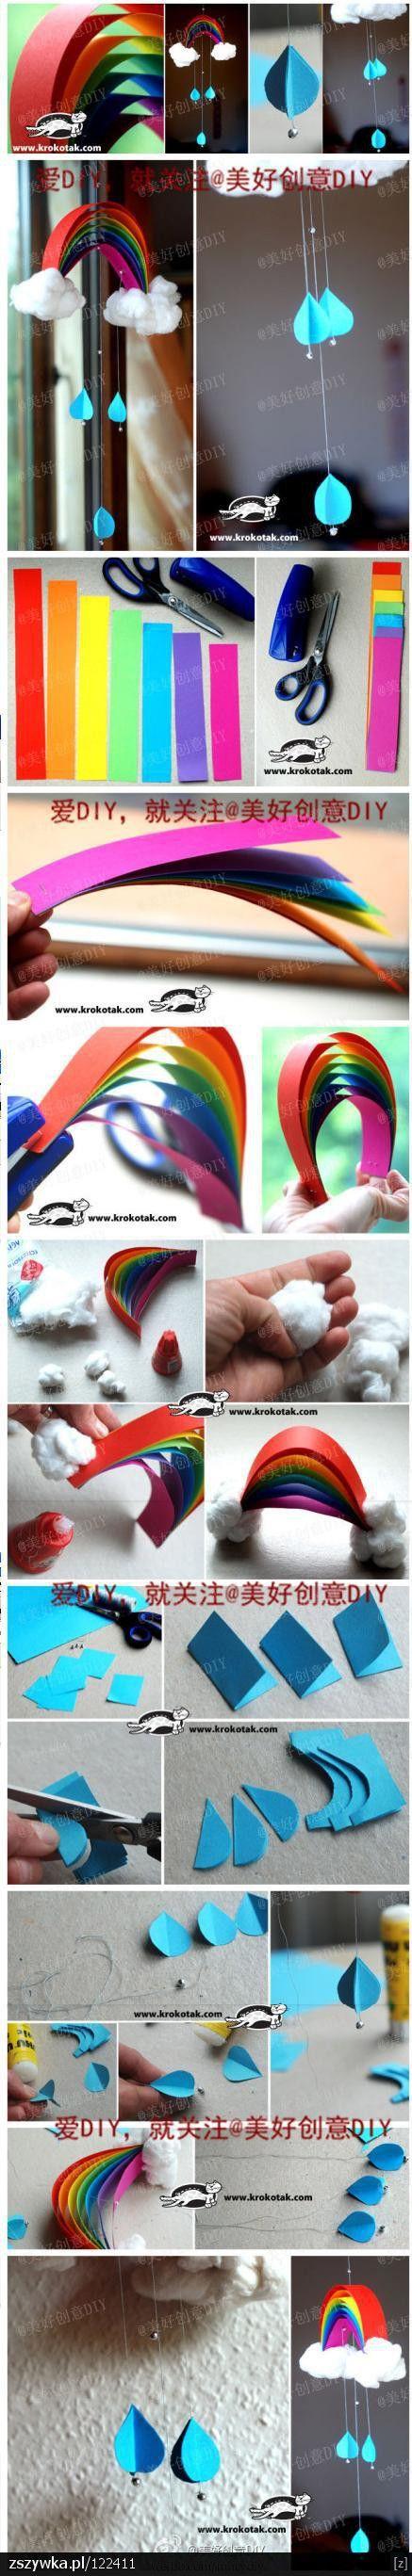 Crafting Club! Rainbows <3